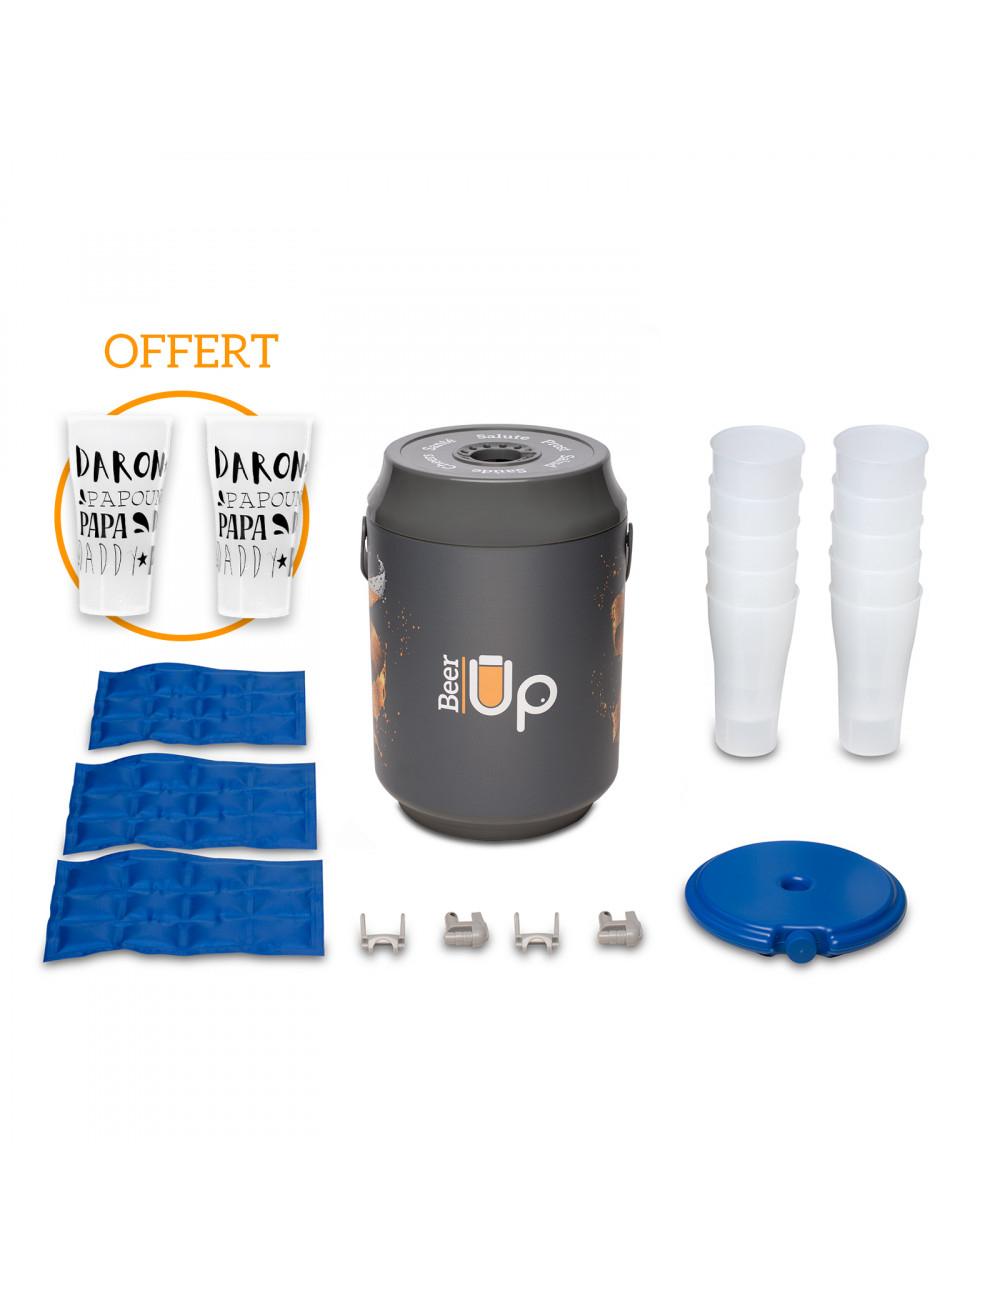 Tireuse à bière Beer up + 10 Verres + Kit de remplissage + 4 accumulateurs de froid + 2 verres édition limitée (beerup.fr)